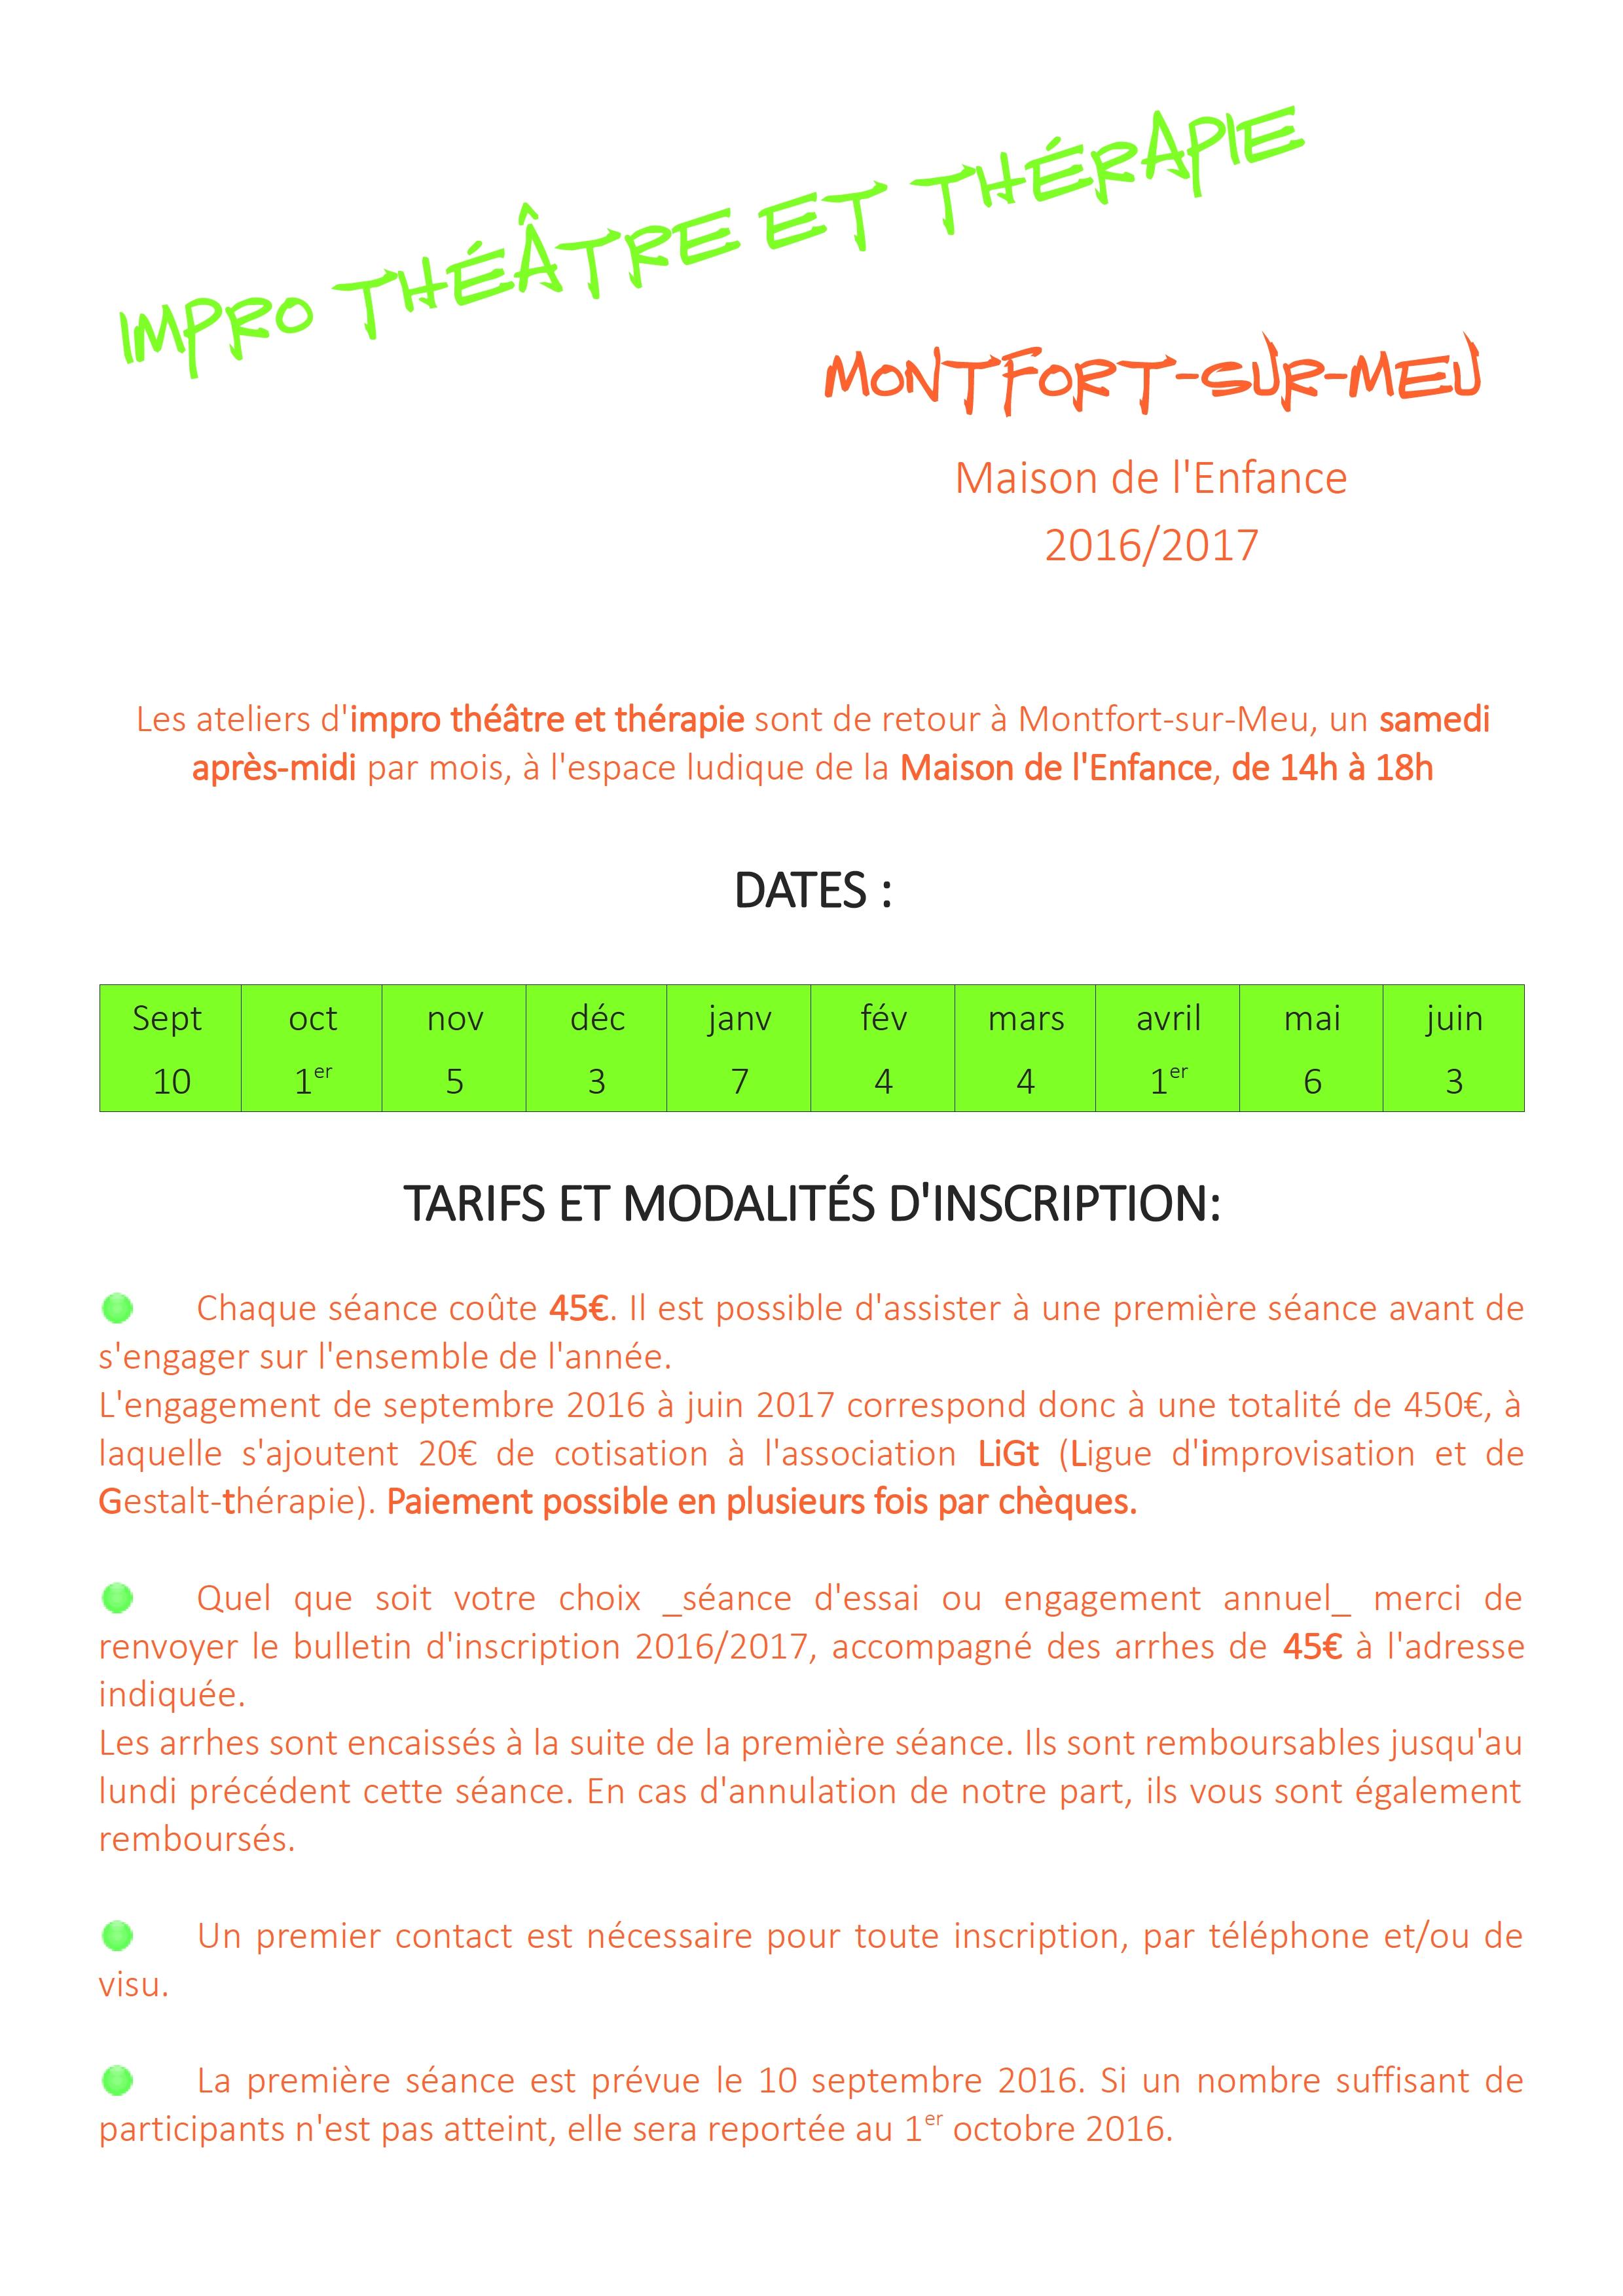 presentation_atelier_16_17_montfort